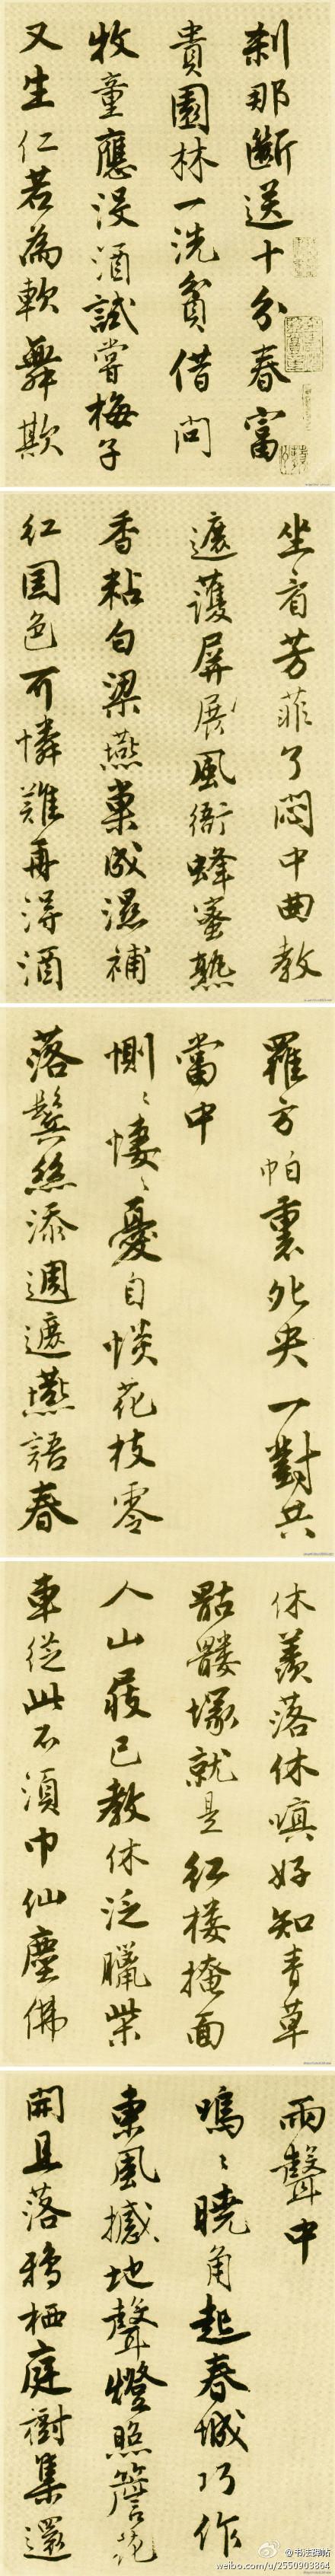 明 唐寅《落花诗册》苏州市博物馆藏本 沈周写落花七律十首